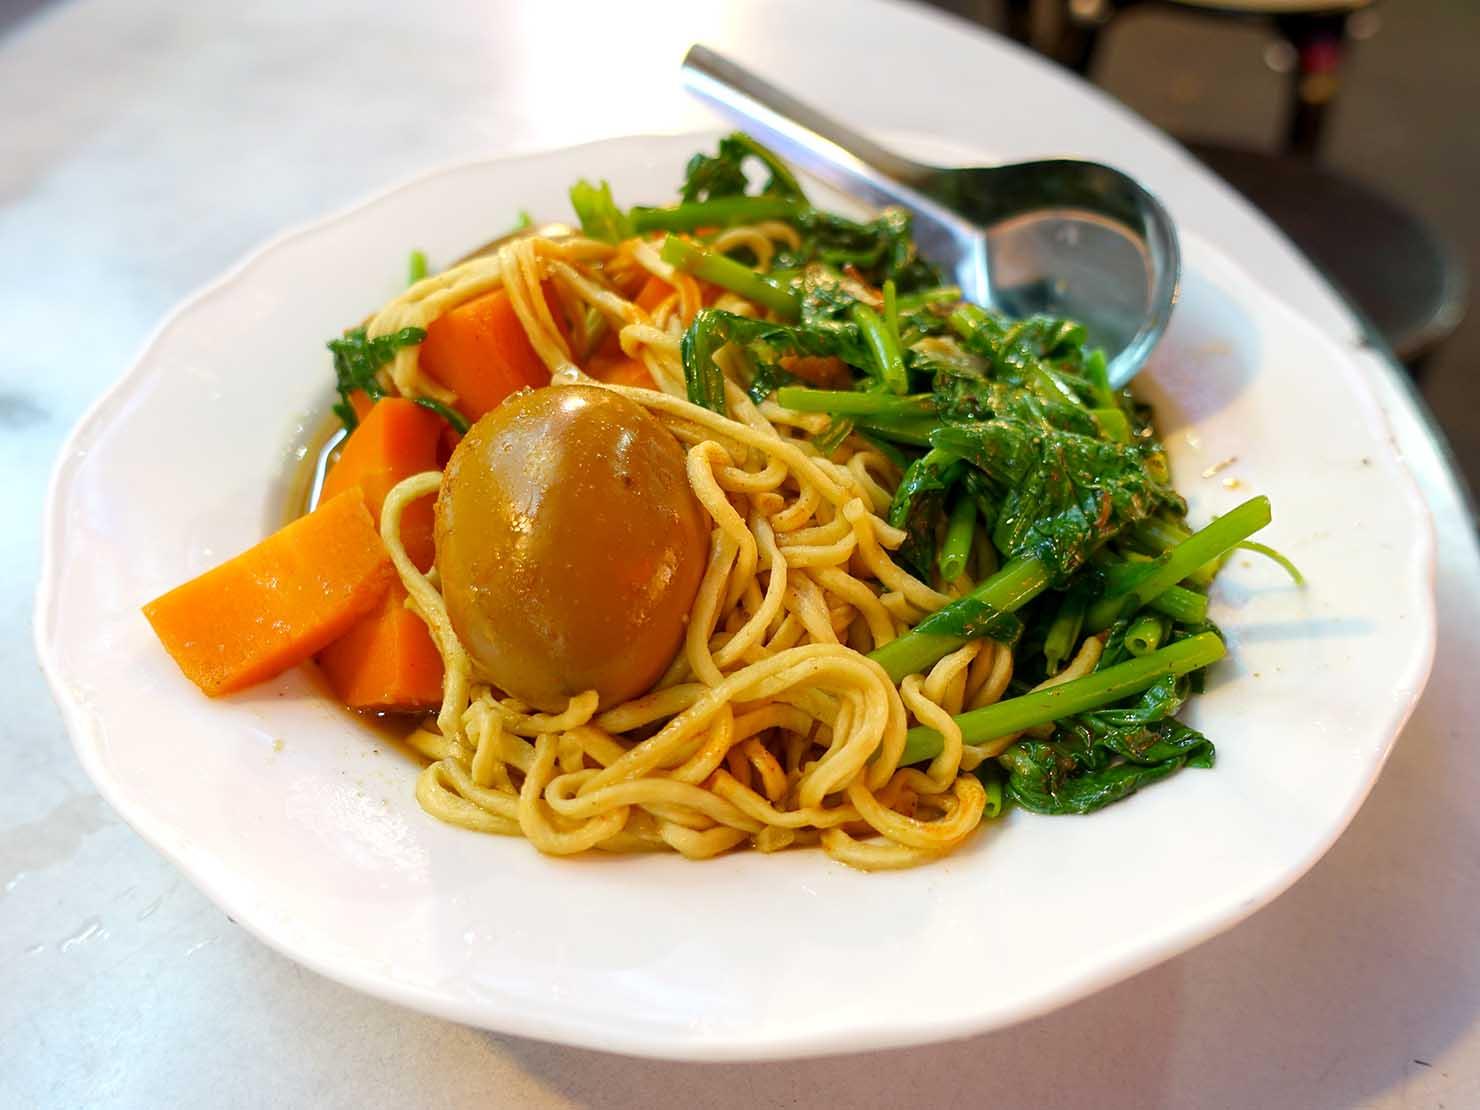 台北・遼寧街夜市のおすすめグルメ店「葉記滷味」の滷味